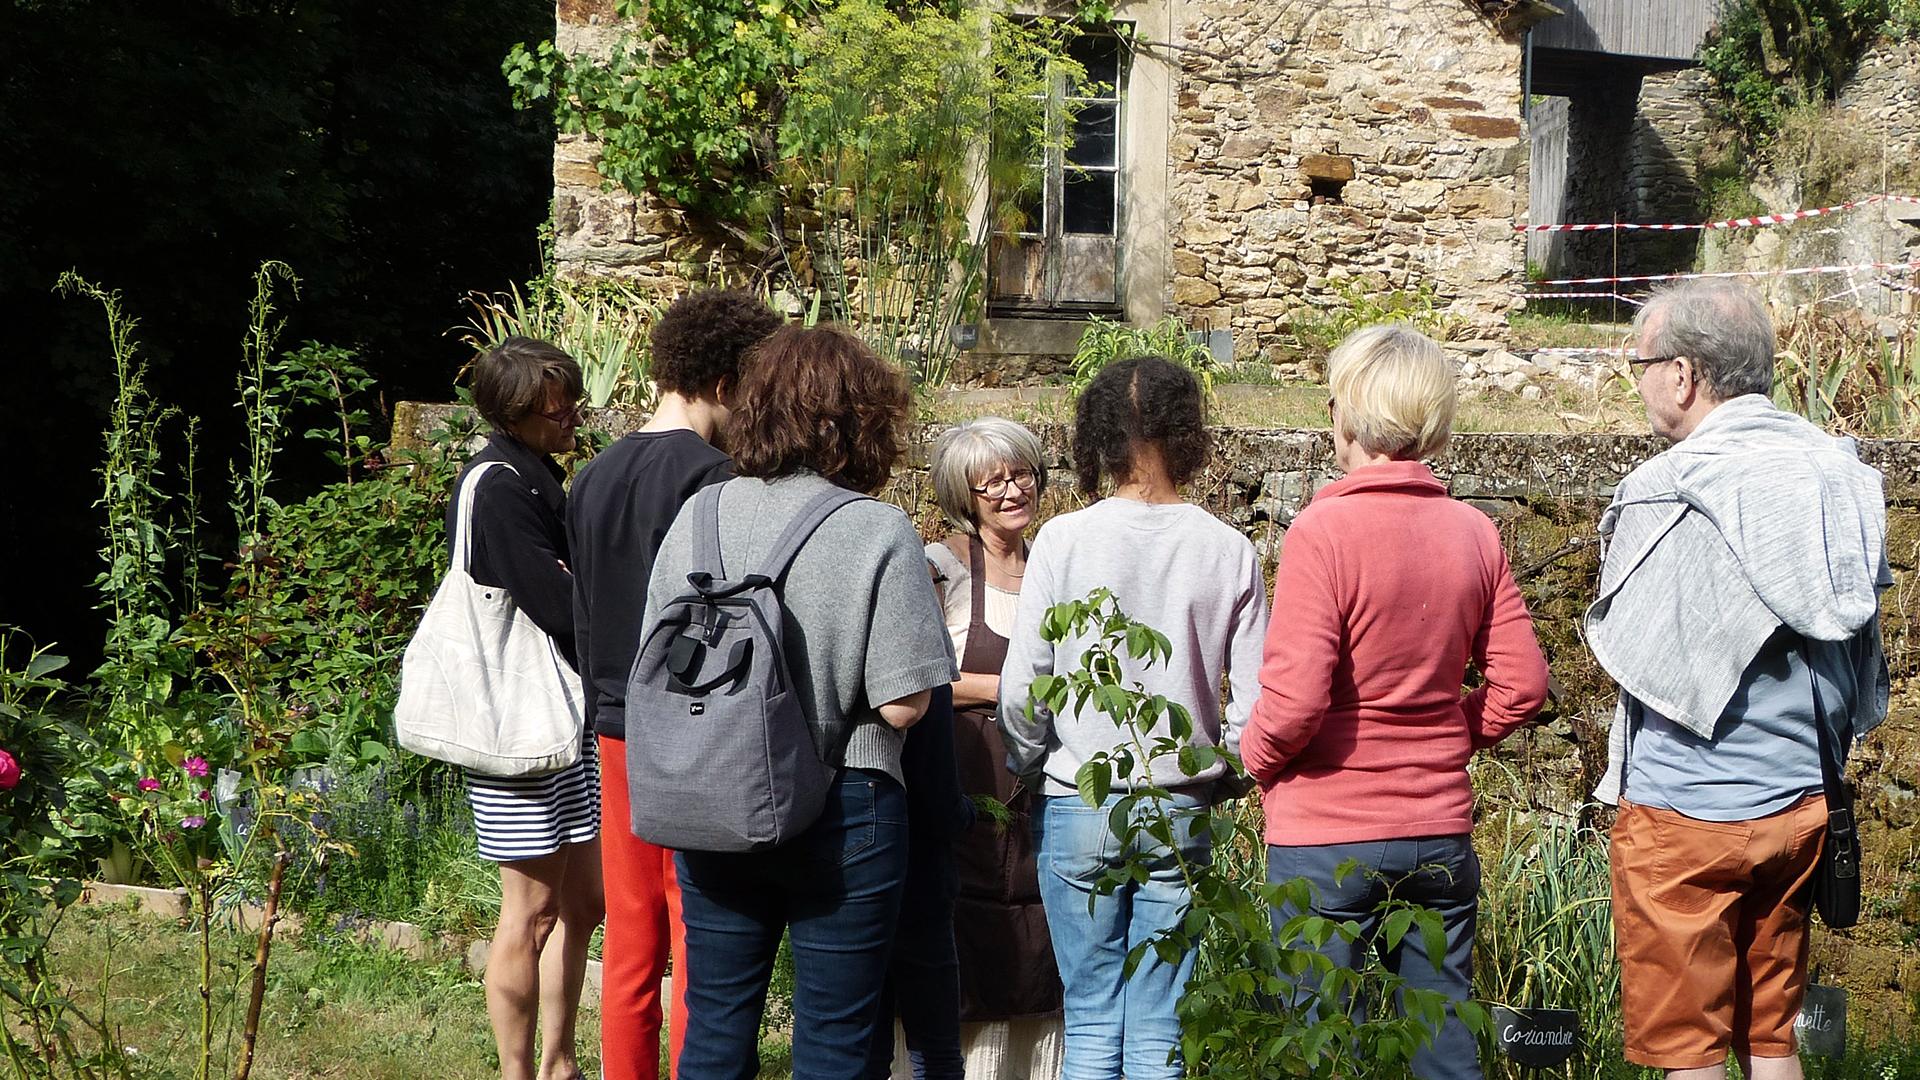 jardin-des-saveurs-villeneuve-sur-tarn-sylvie-campech-les-causeries-culinaires-plantes-aromatiques-1